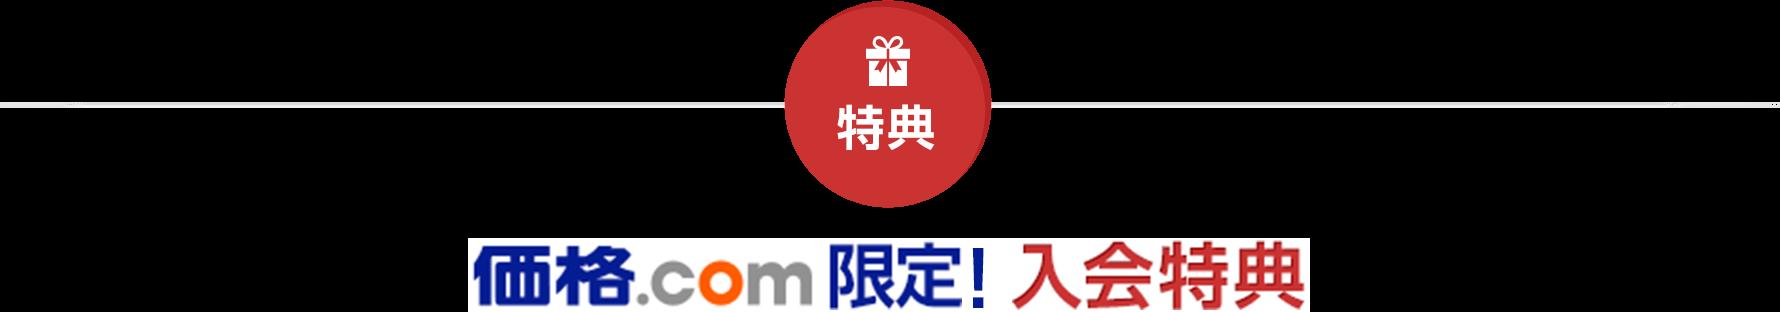 特典 価格.com限定!入会特典